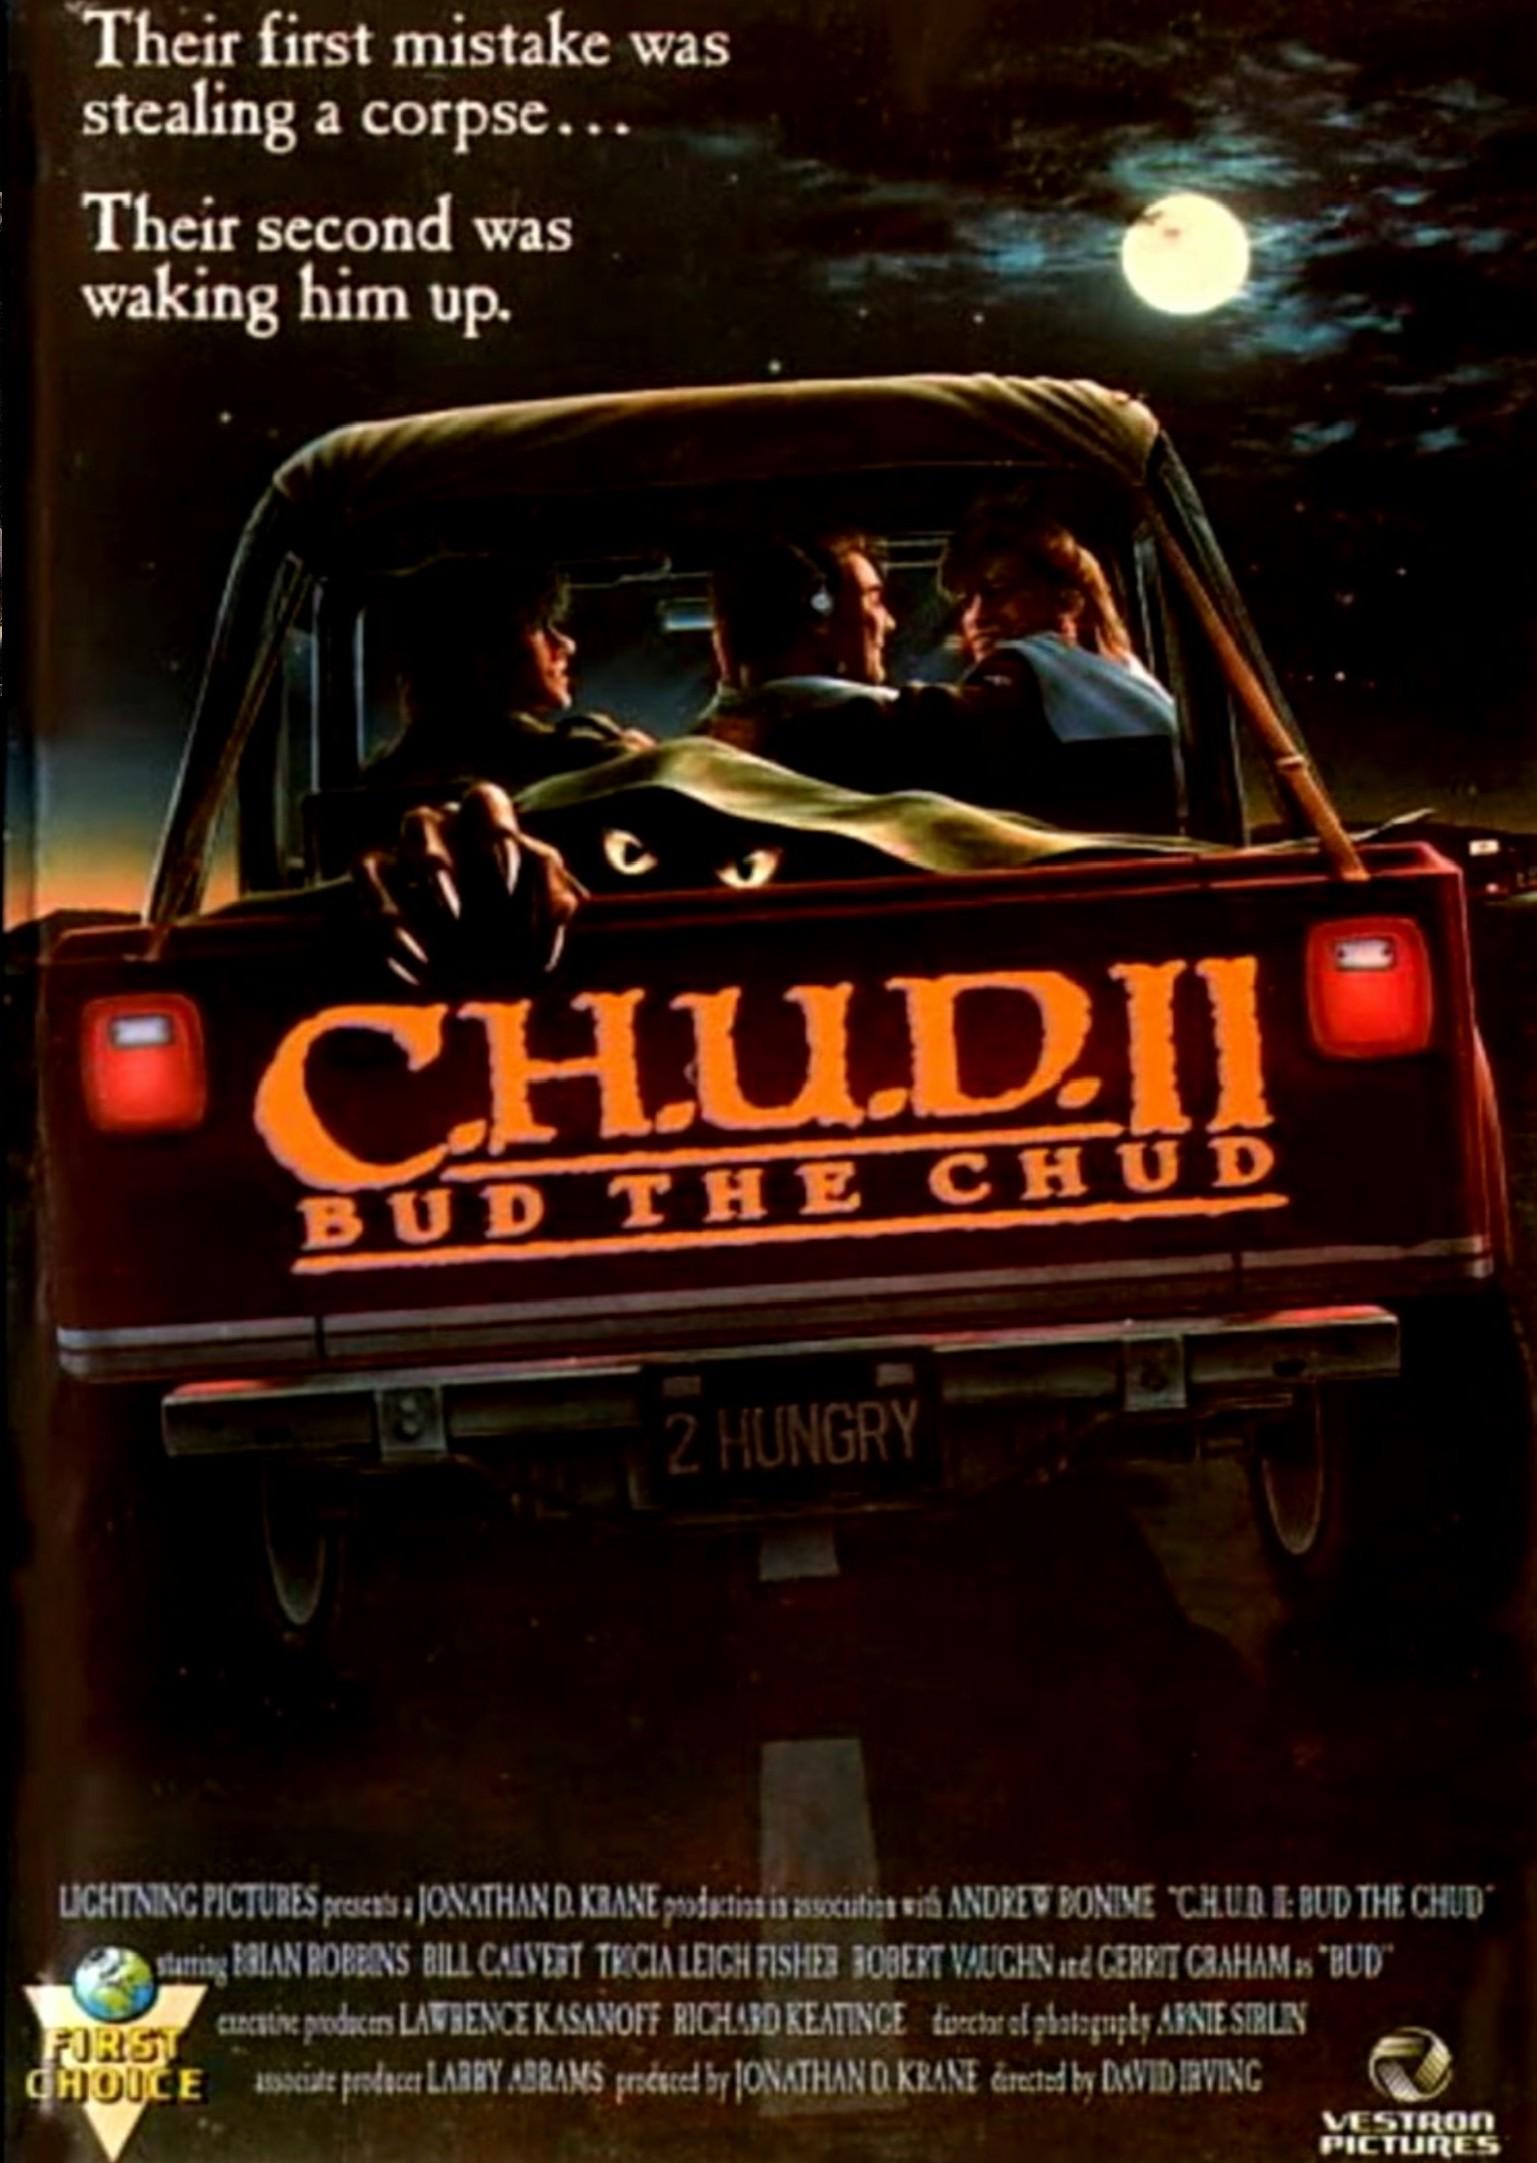 chudII_1